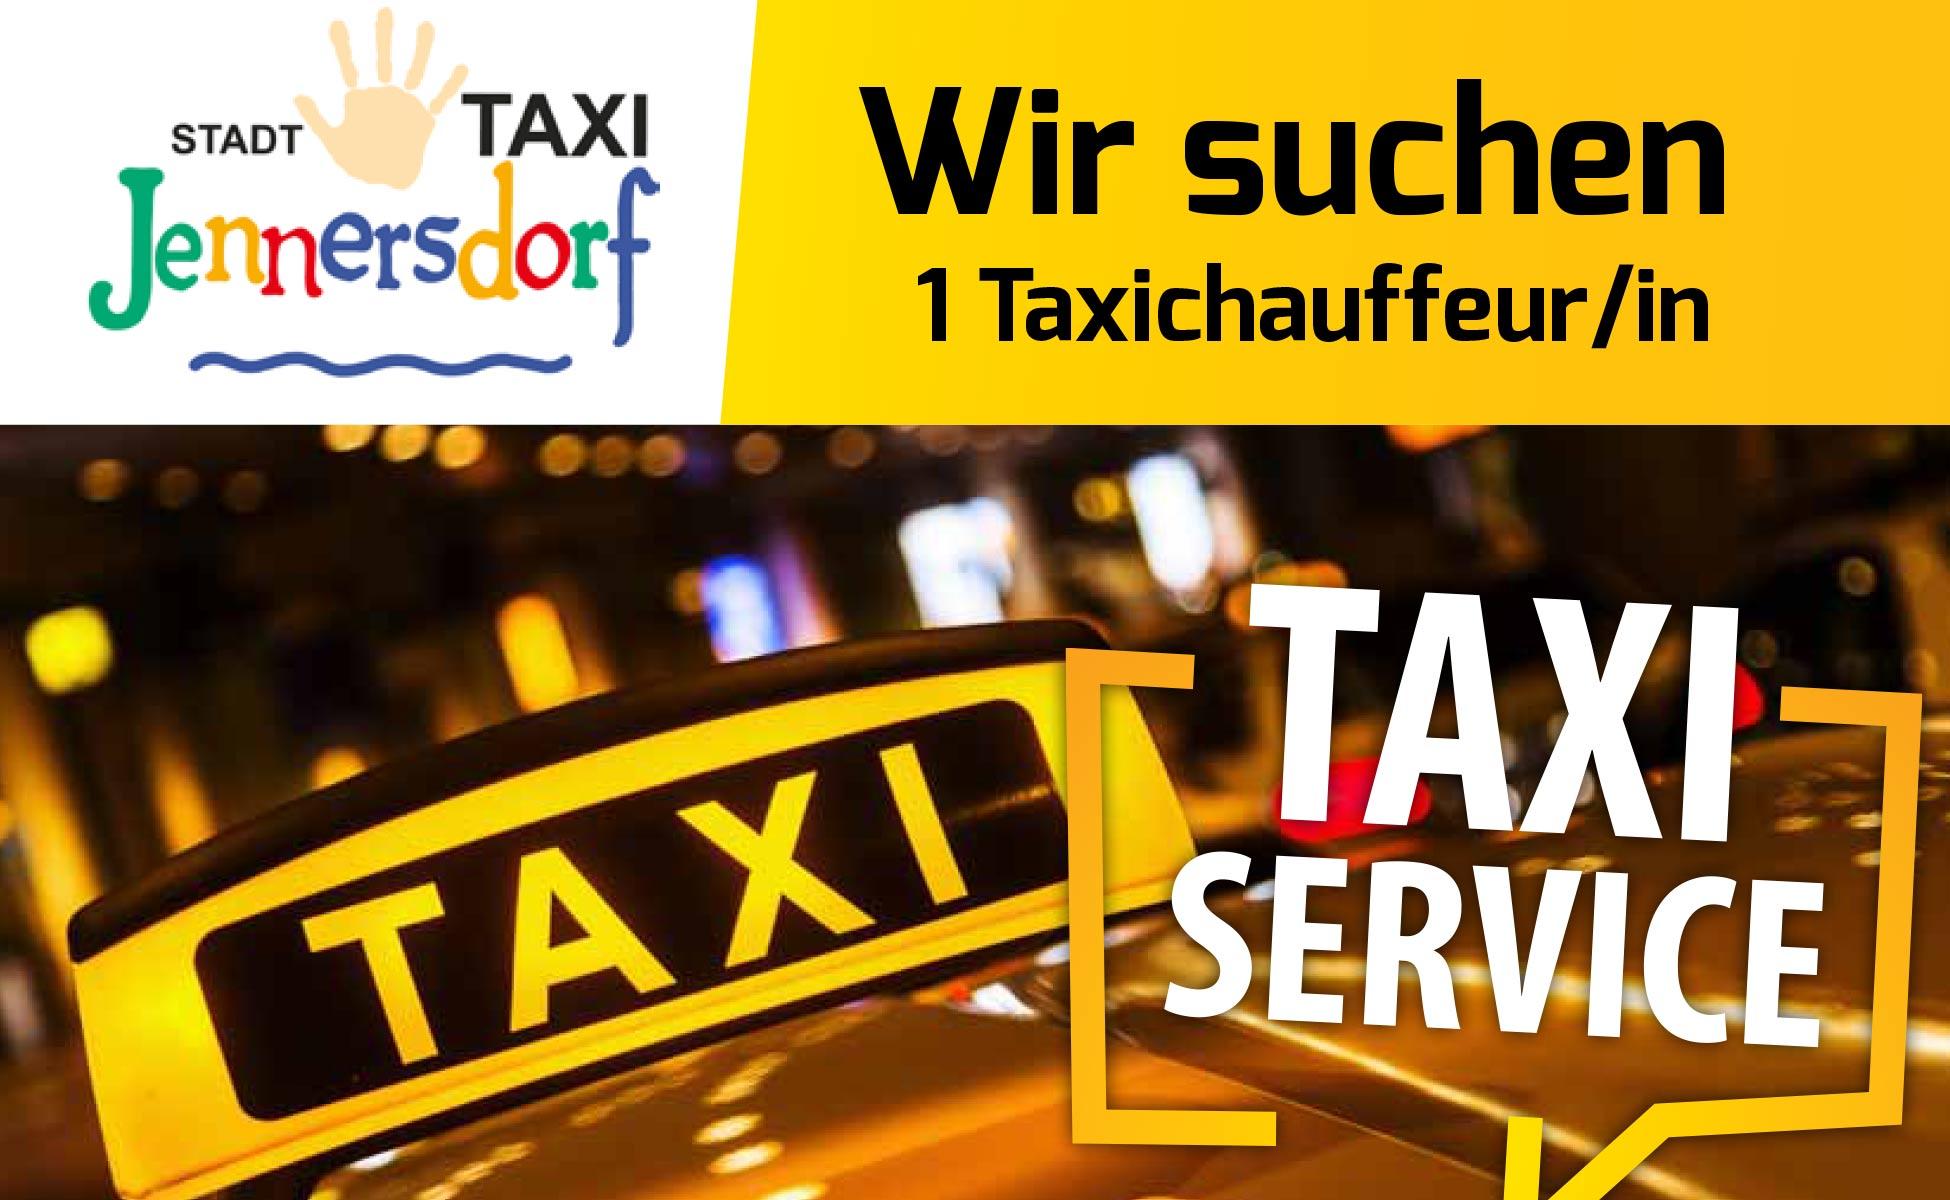 Taxi-Chauffeur (m/w)